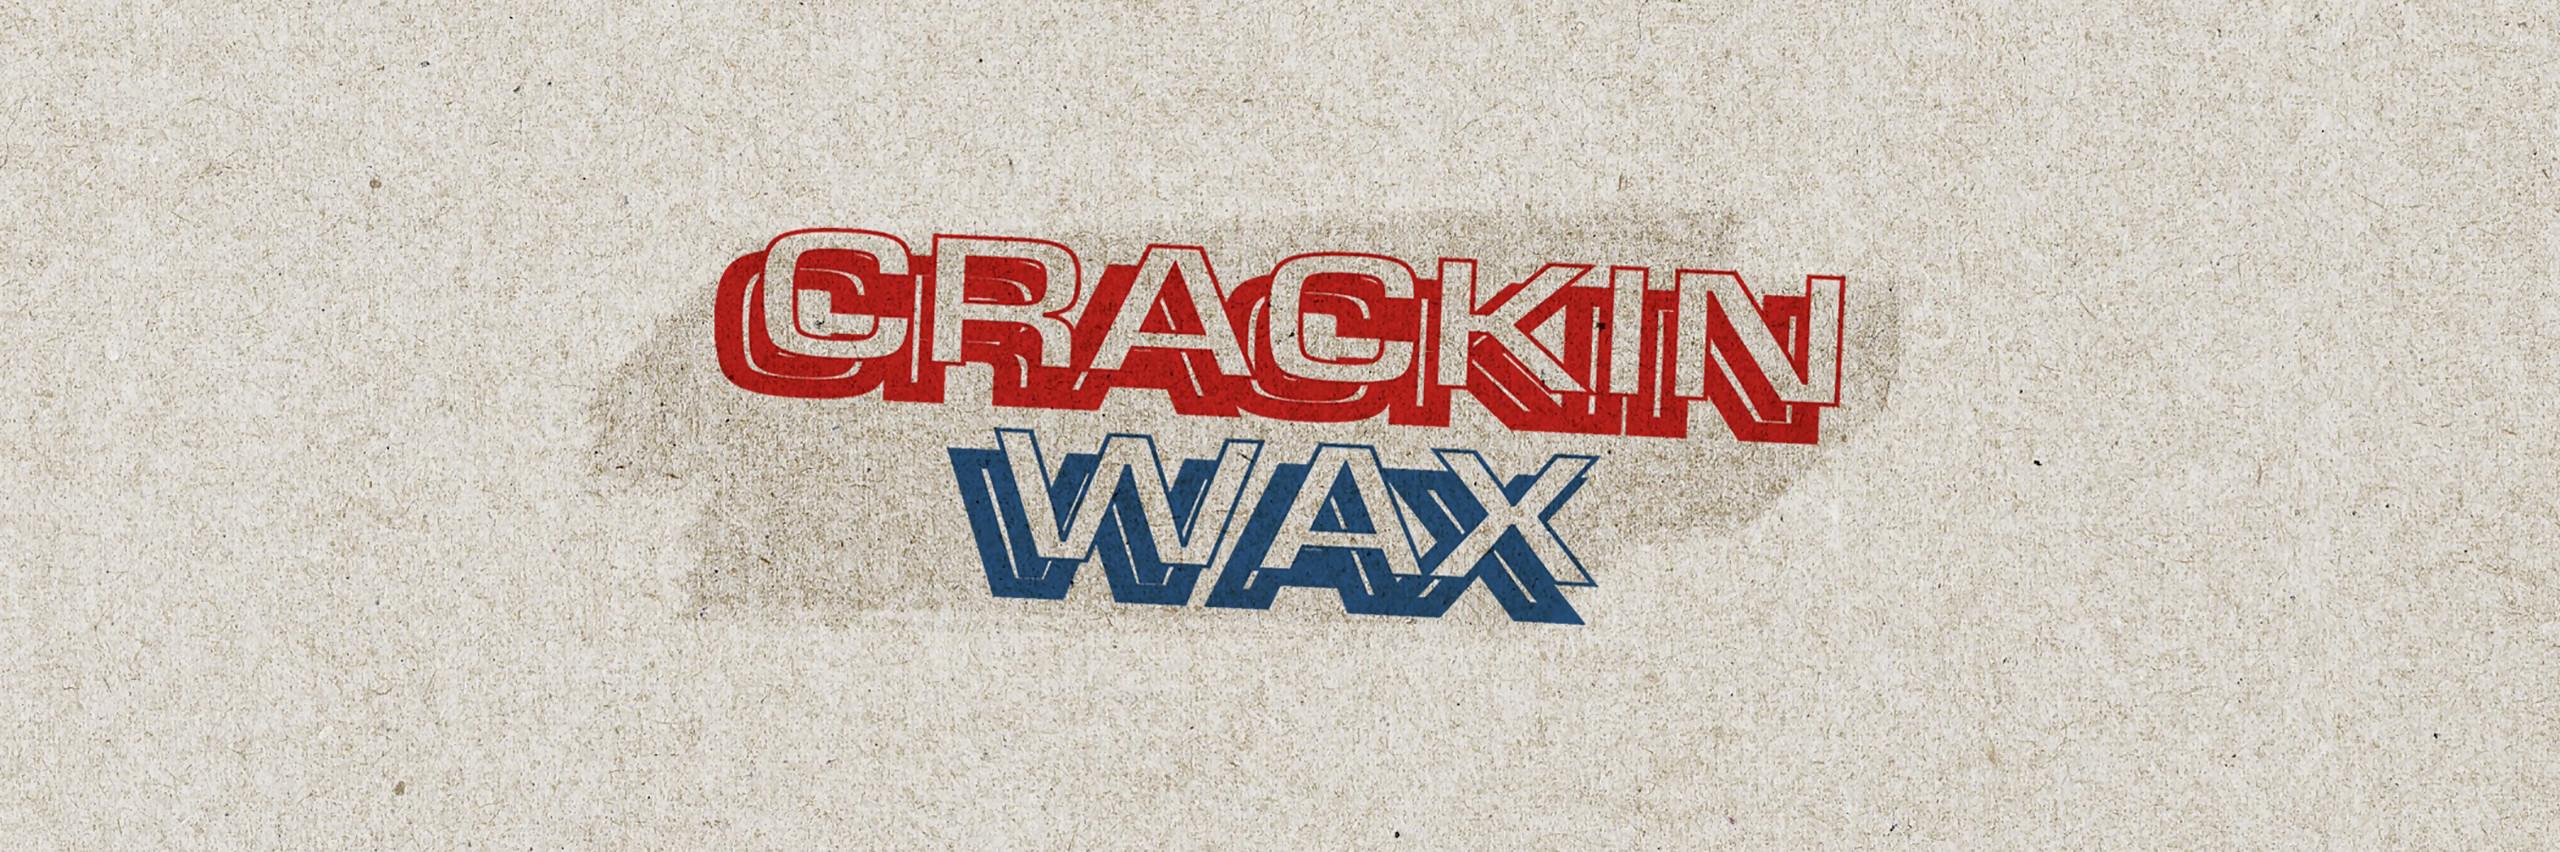 Crackin' Wax